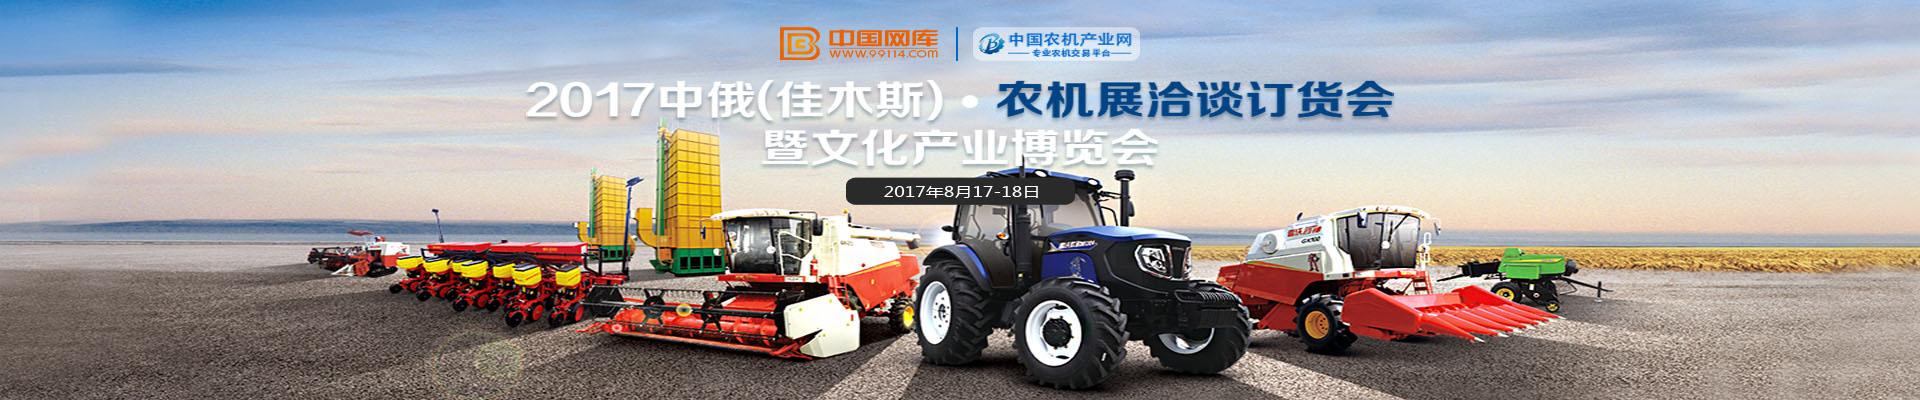 优质单品-农机